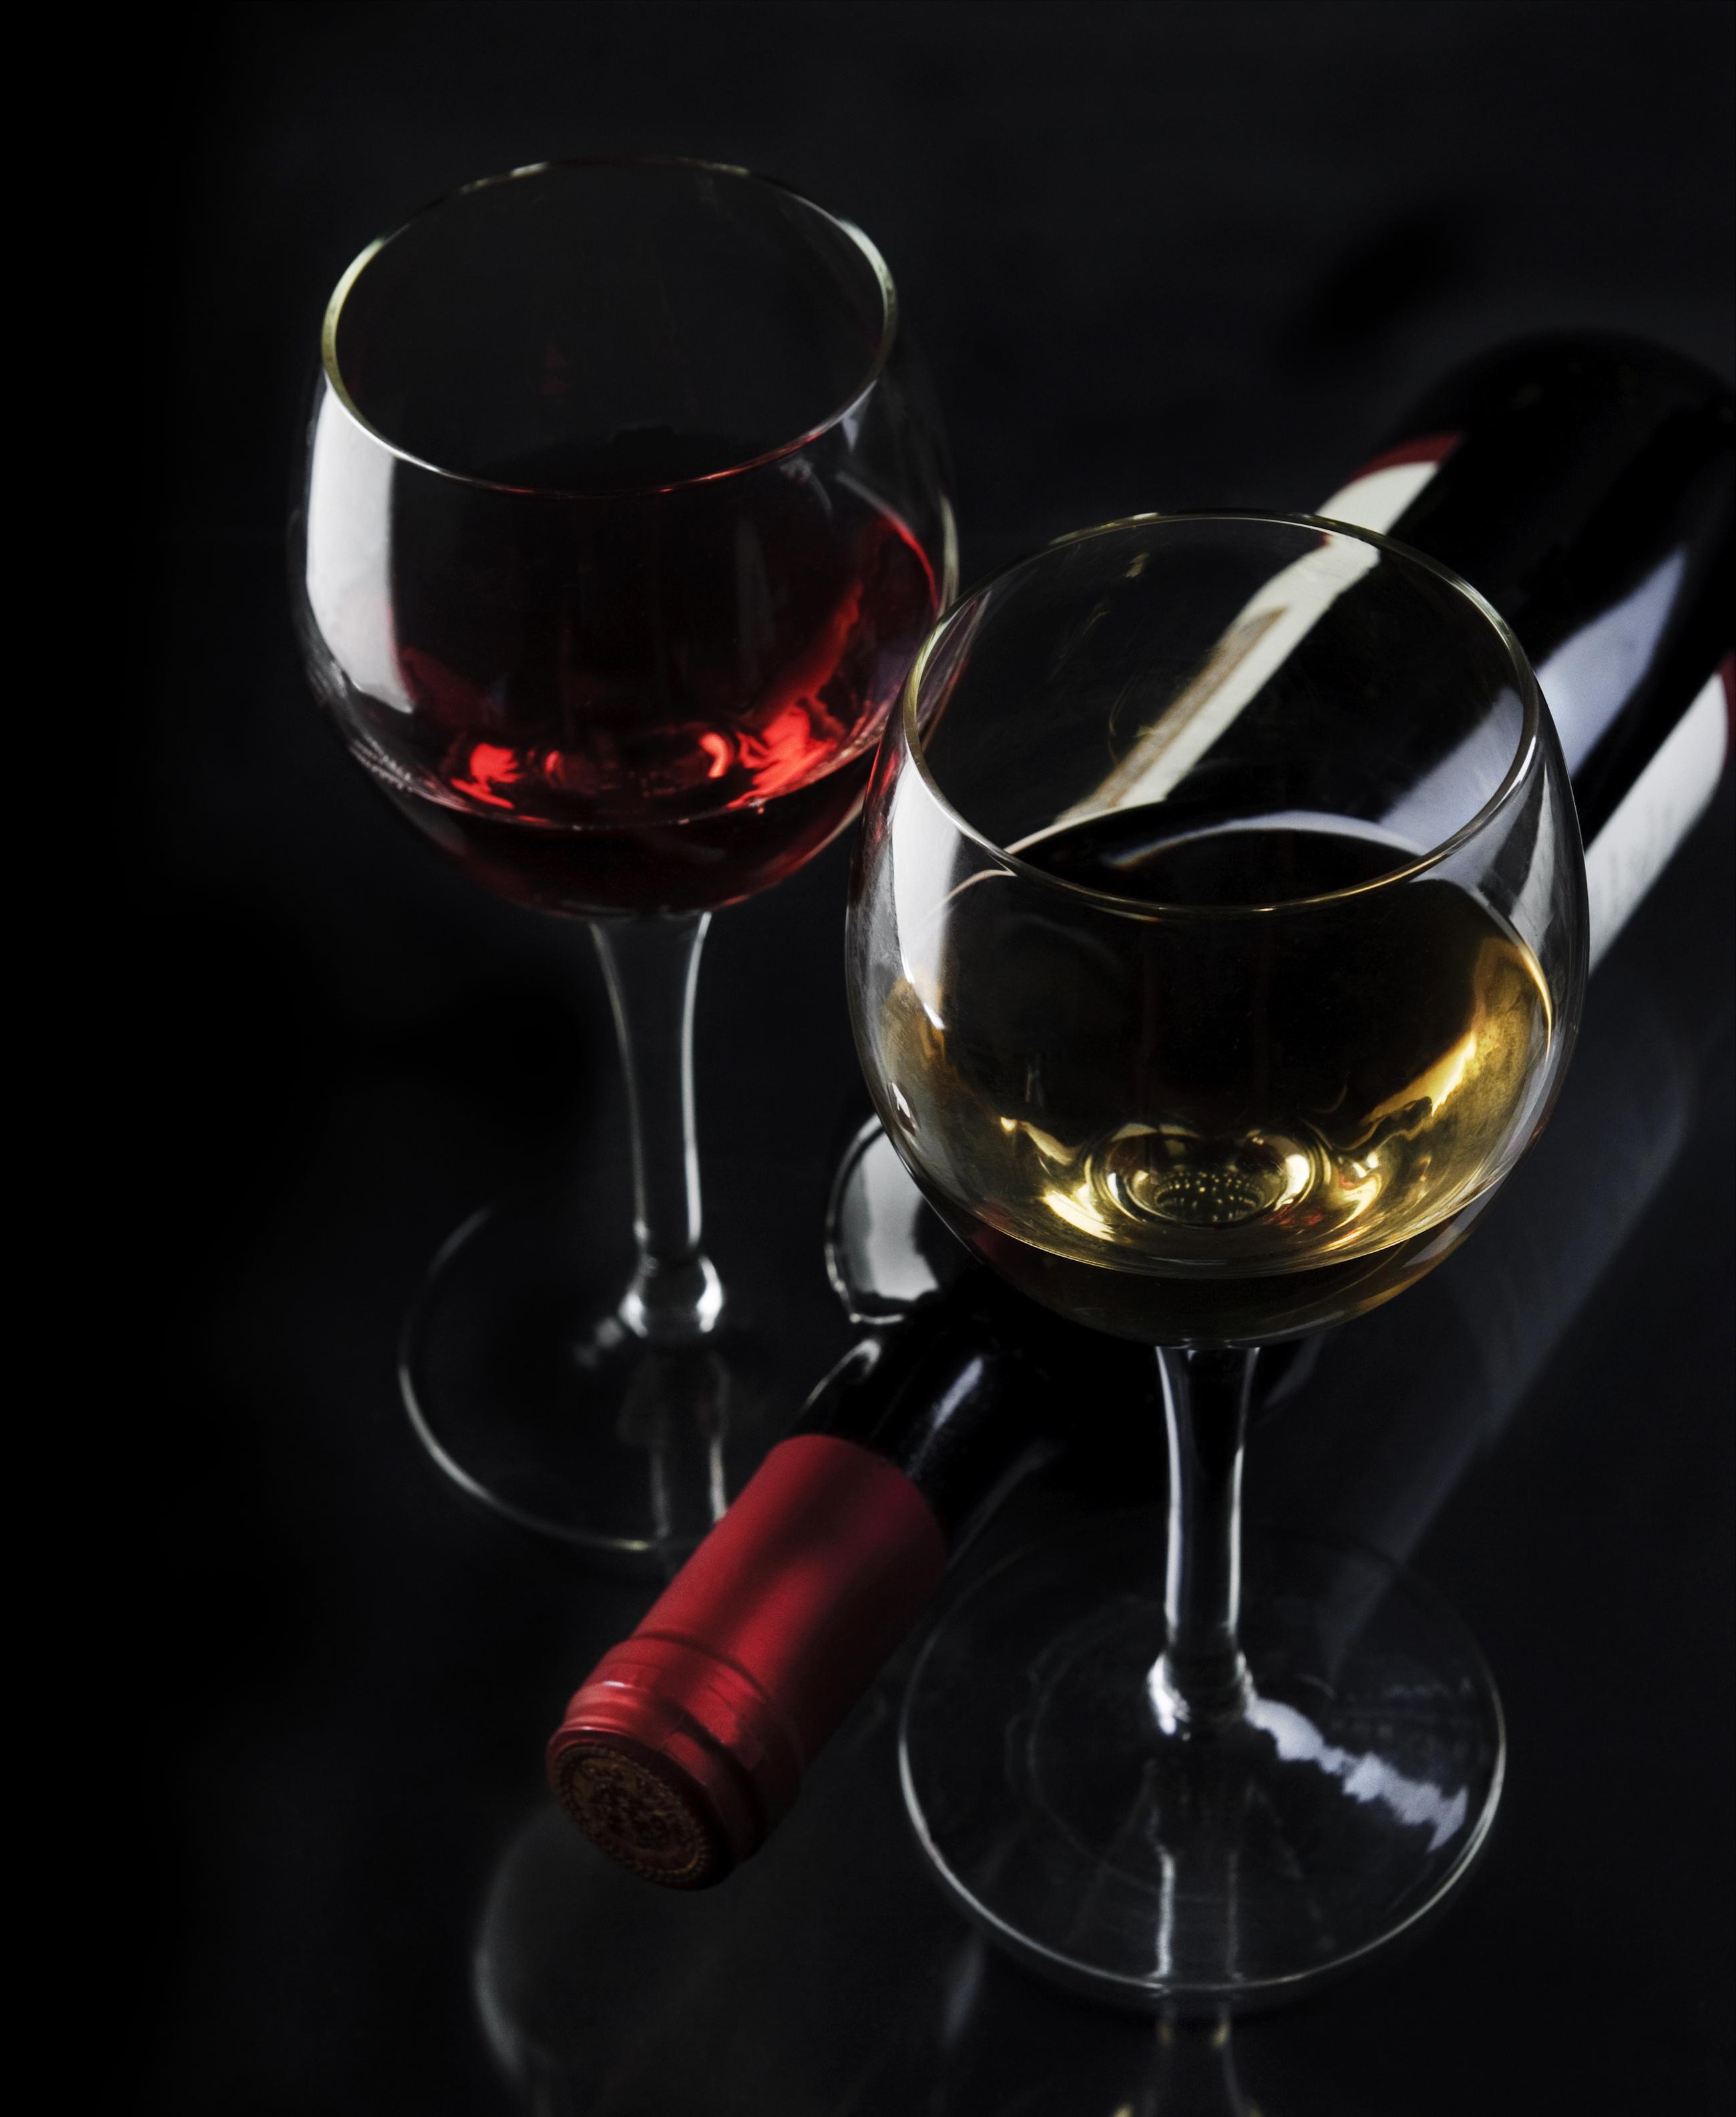 Обои Вино Пища Бокалы бутылки на черном фоне Еда бокал Бутылка Продукты питания Черный фон